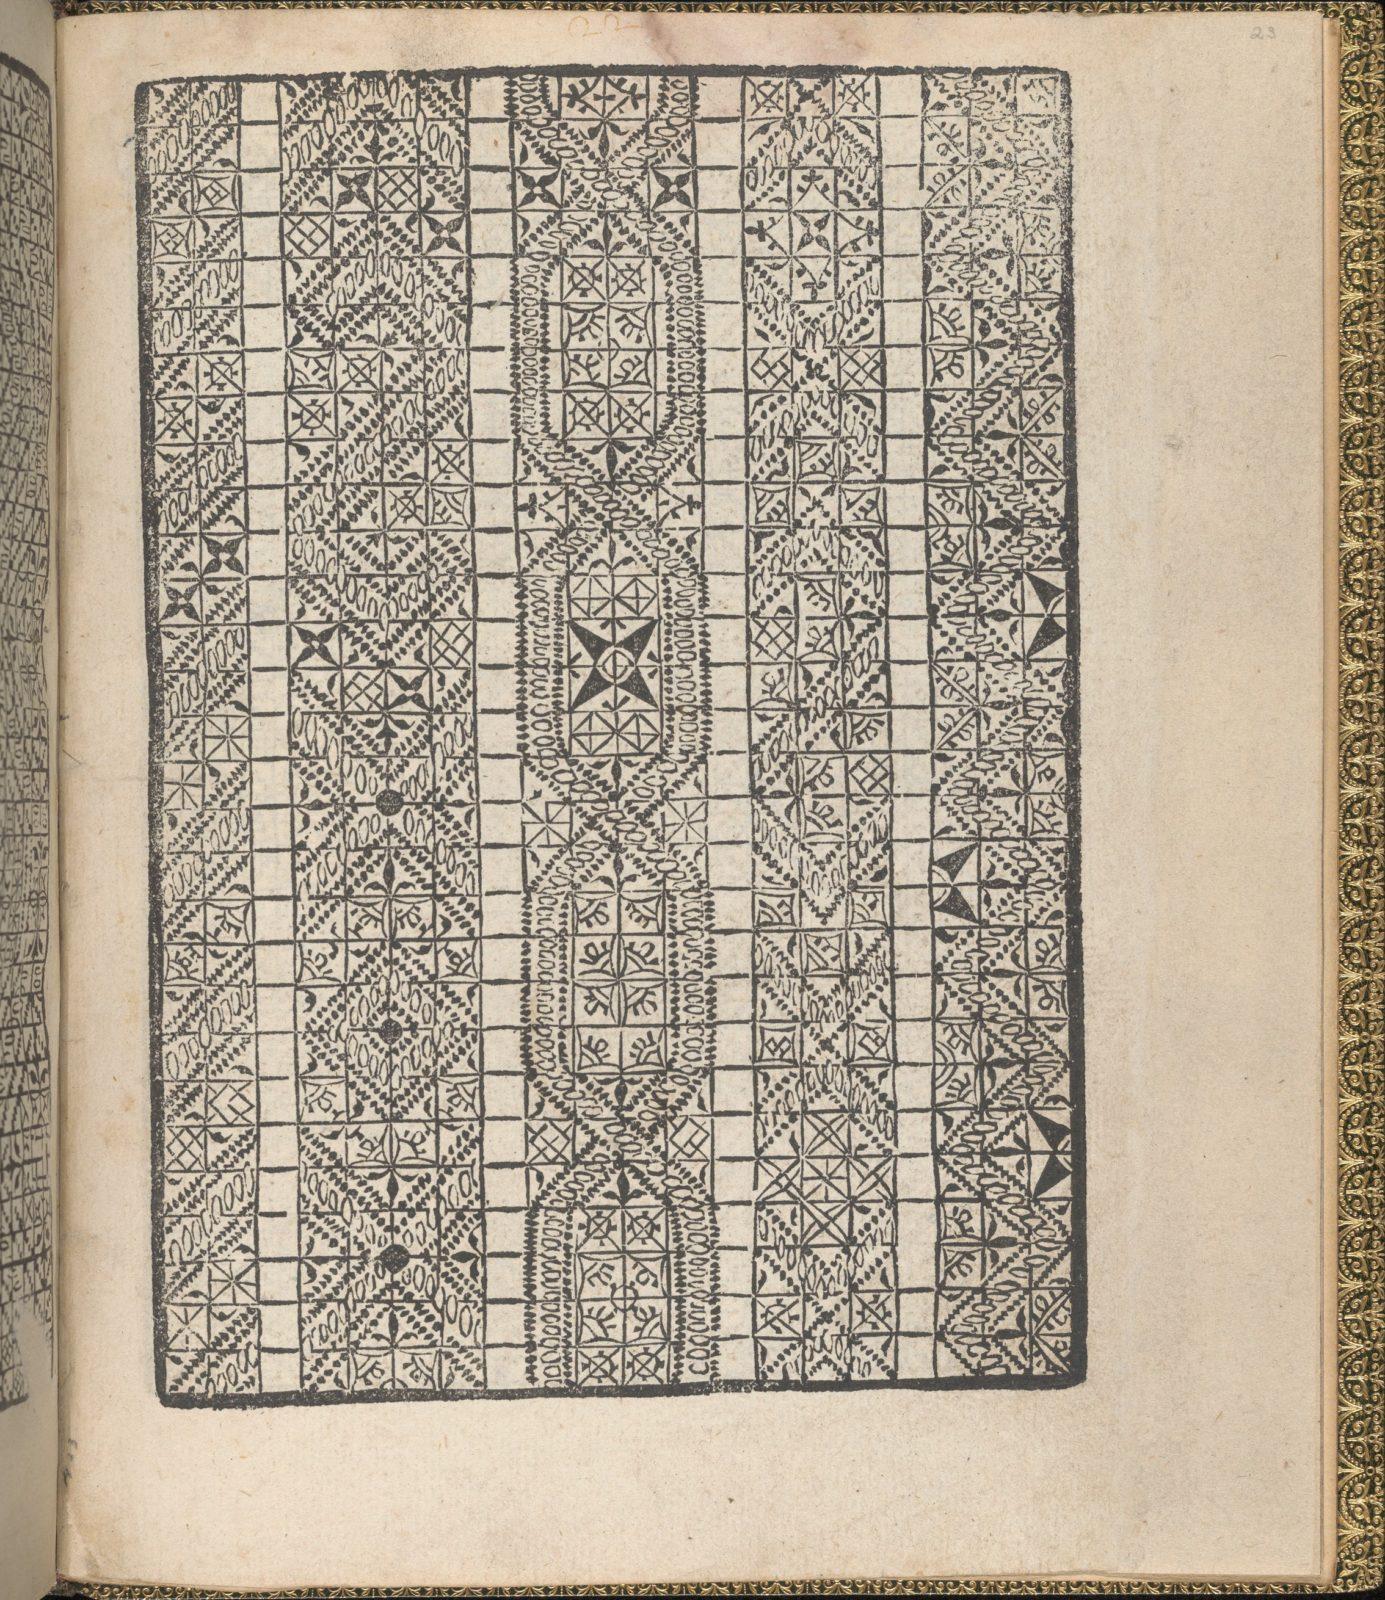 Giardineto novo di punti tagliati et gropposi per exercitio & ornamento delle donne (Venice 1554), page 23 (recto)